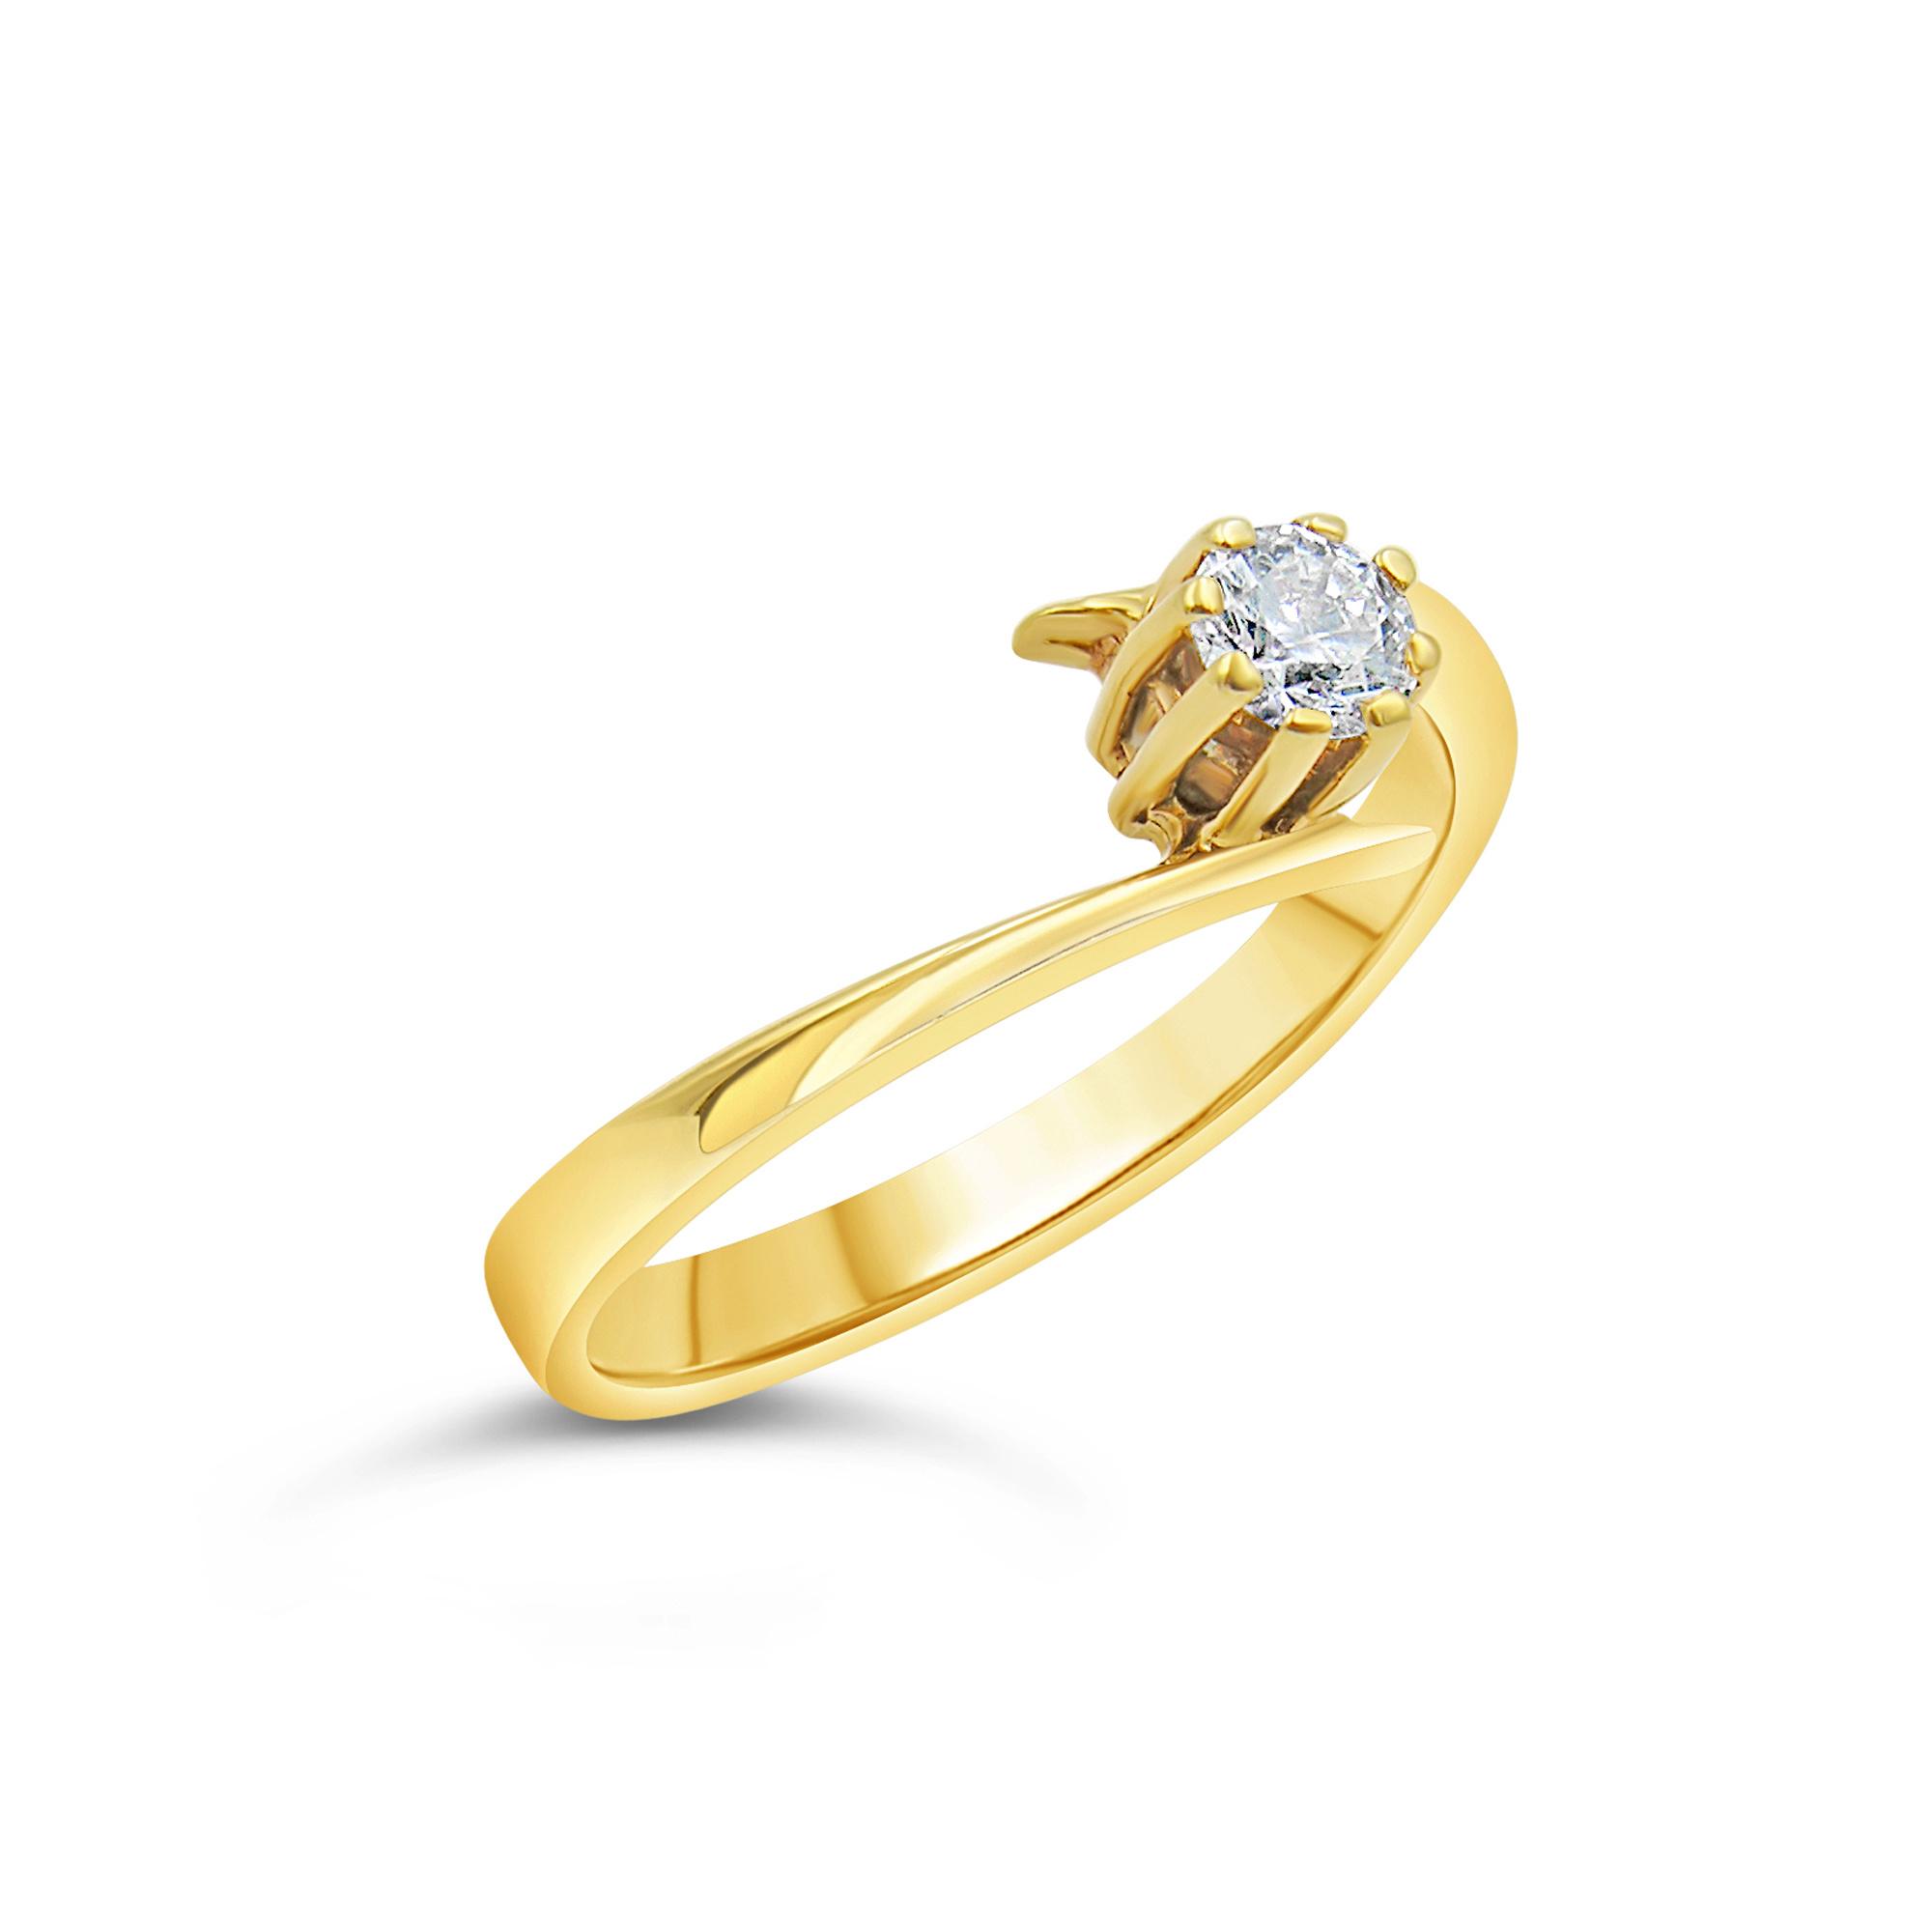 18kt geel goud verlovingsring met 0.24 ct diamant